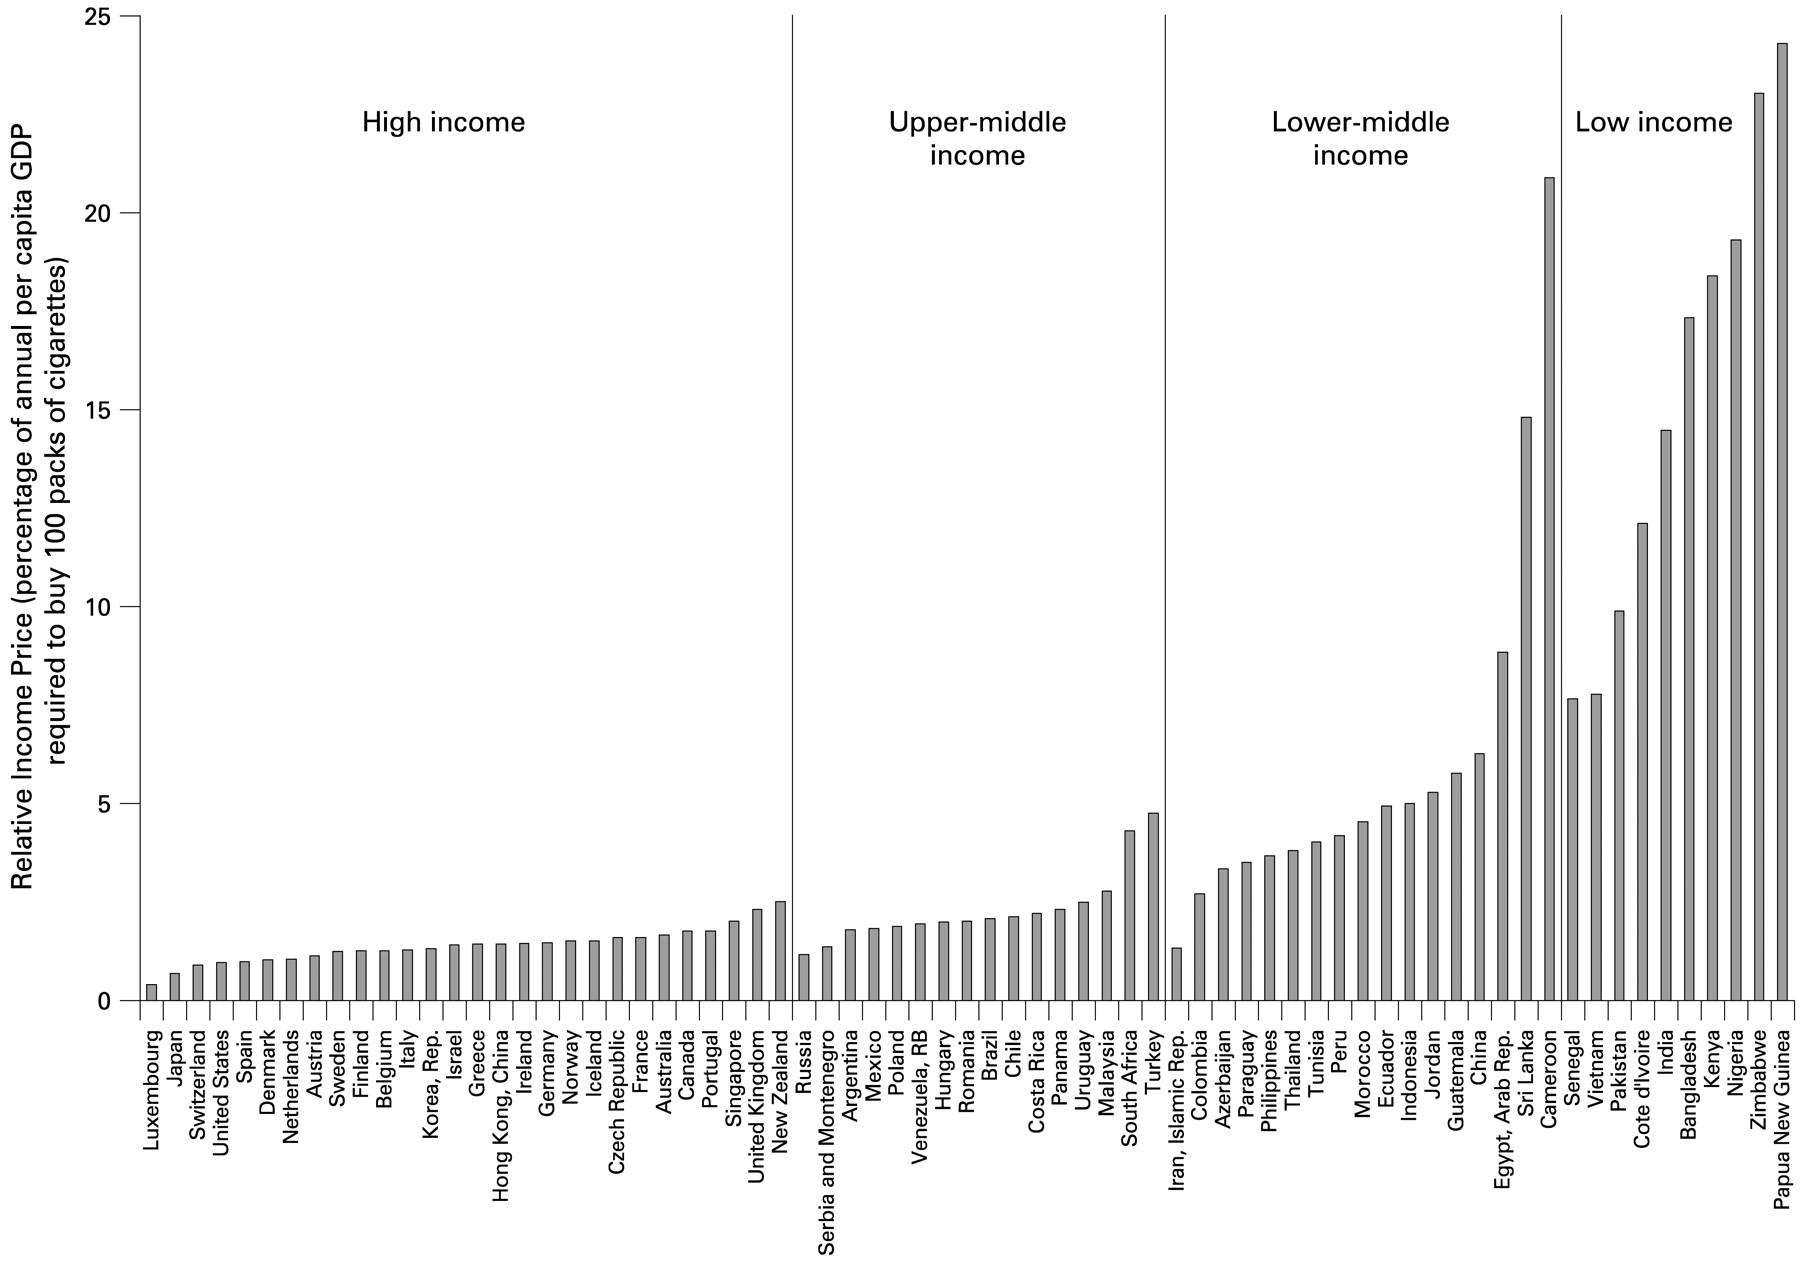 How much are Monte Carlo cigarettes in United Kingdom